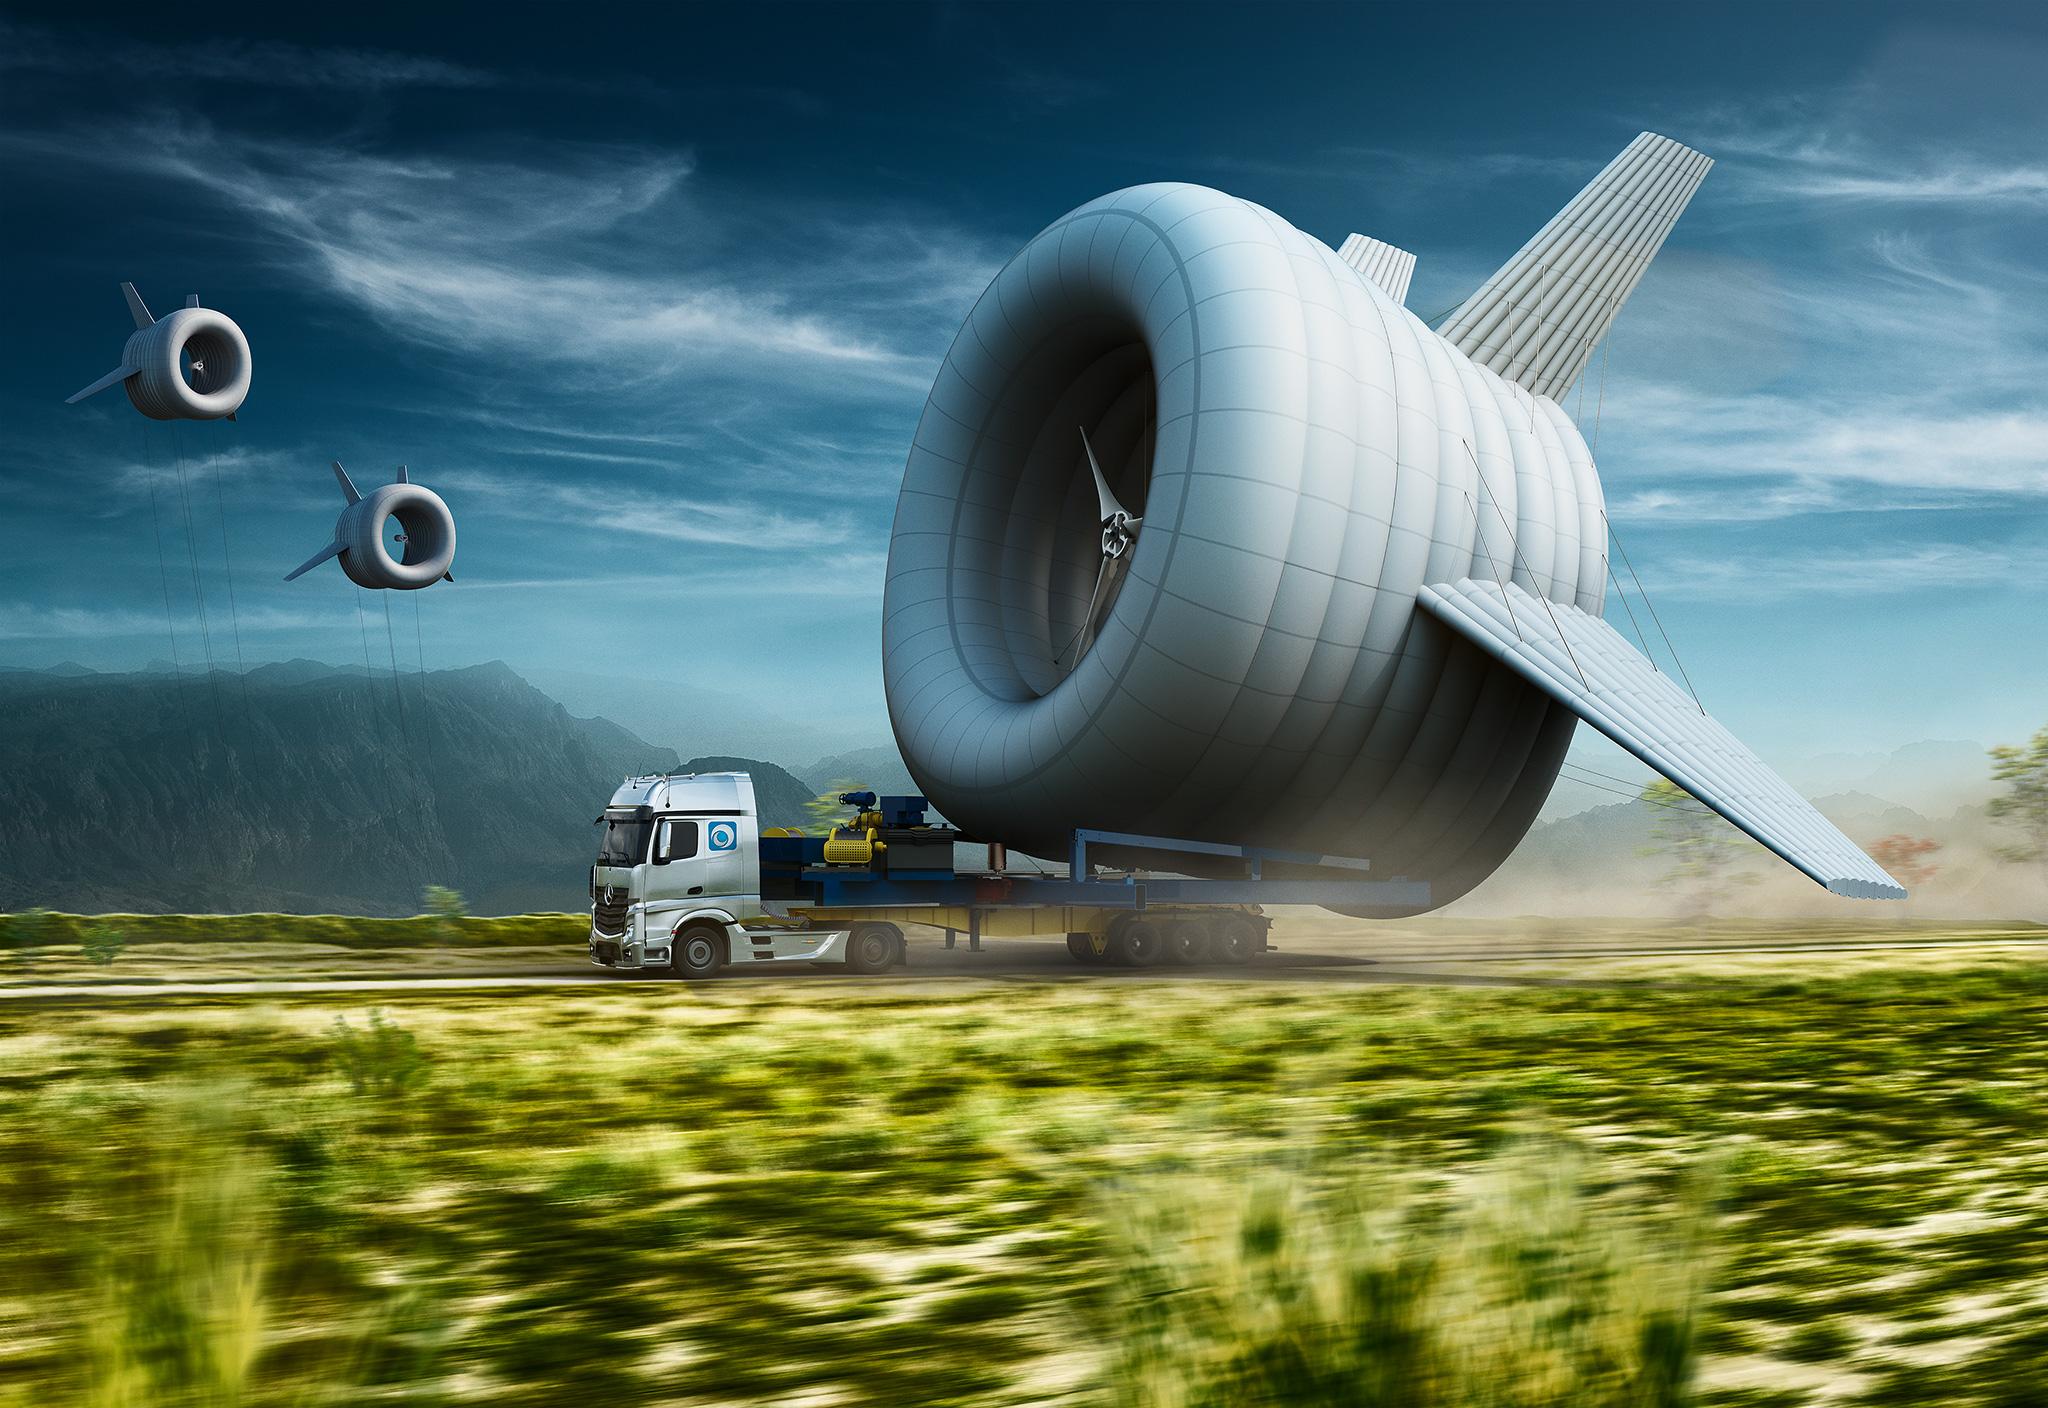 Nie, to nie są statki kosmiczne, to latające turbiny wytwarzające czystą energię